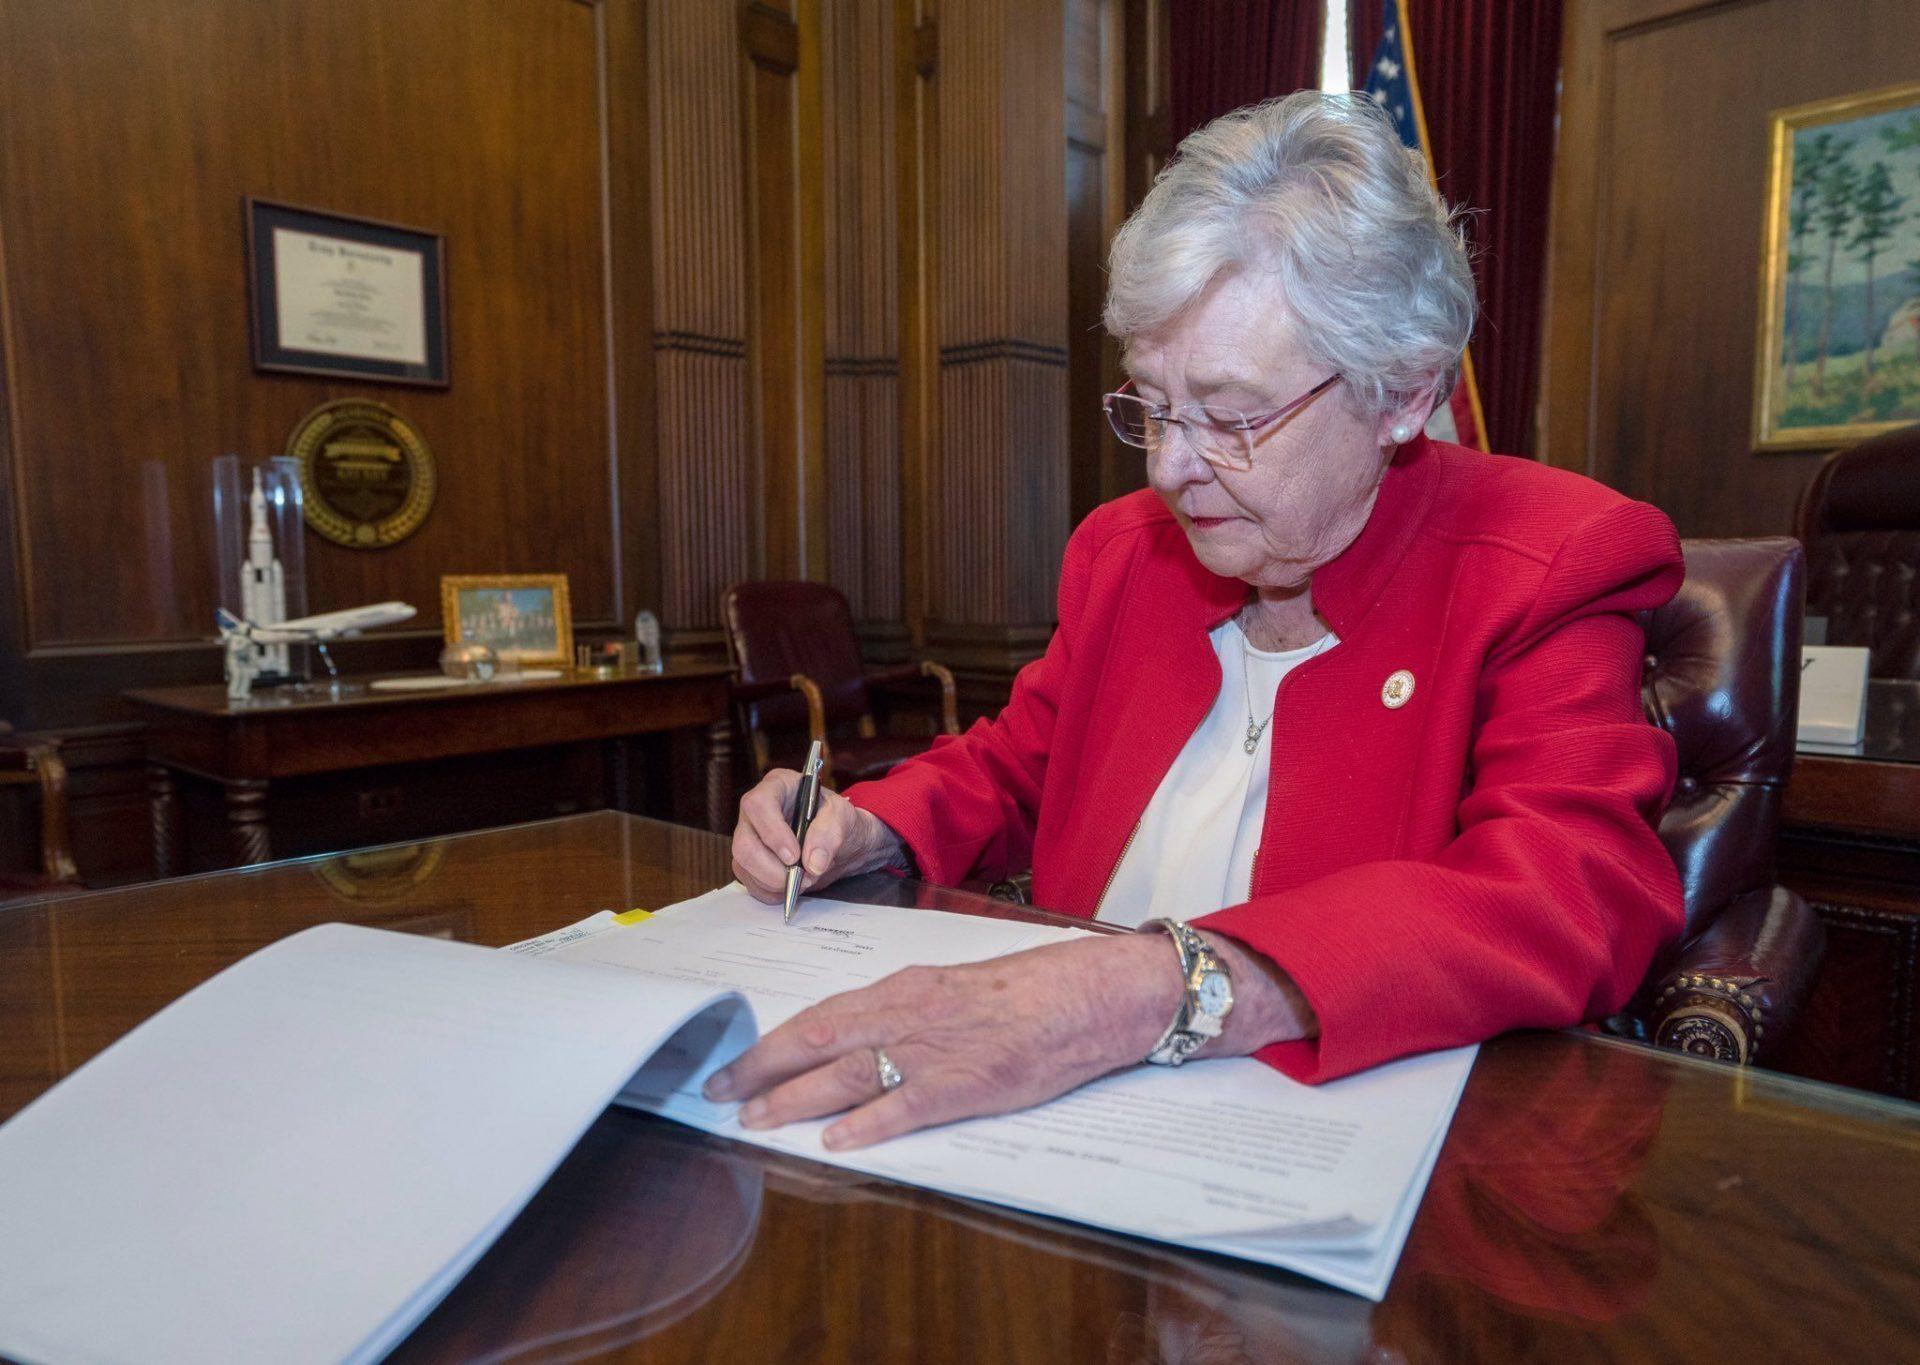 La gobernadora de Alabama firmó la ley antiaborto más dura de EEUU